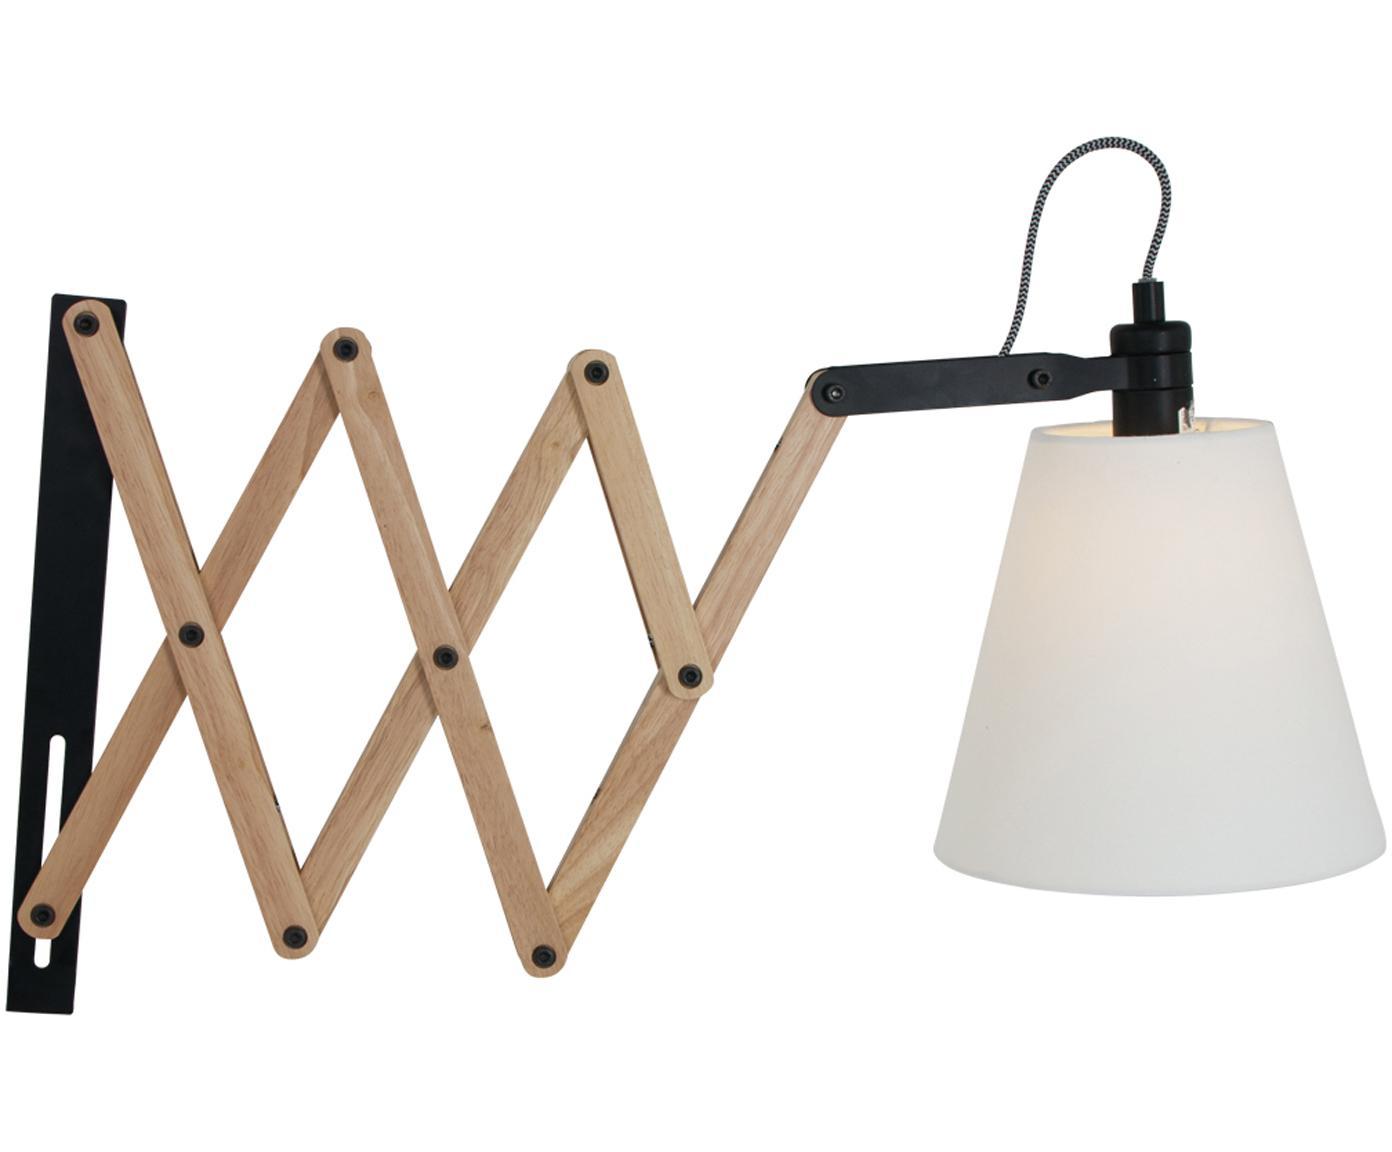 Verstelbare wandlamp Dion met stekker, Hout, gelakt metaal, Lichtbruin, zwart, wit, B 10 x D 80 cm